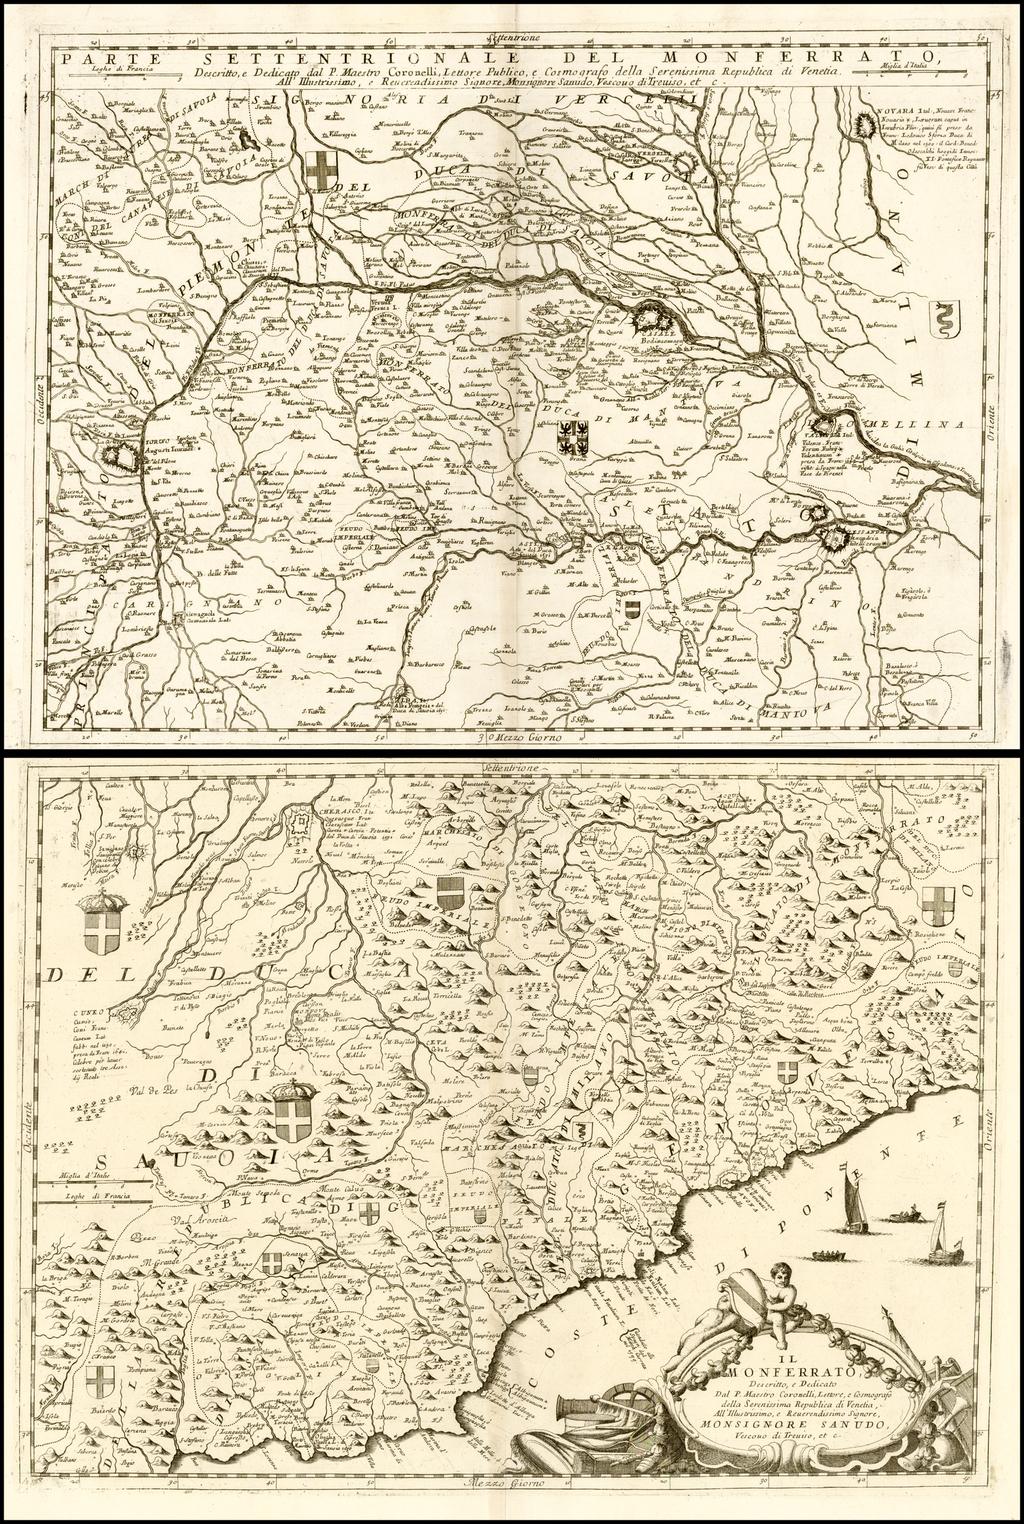 Il Monferrato . . . [and] Parte Settentrionale Del Monferrato By Vincenzo Maria Coronelli